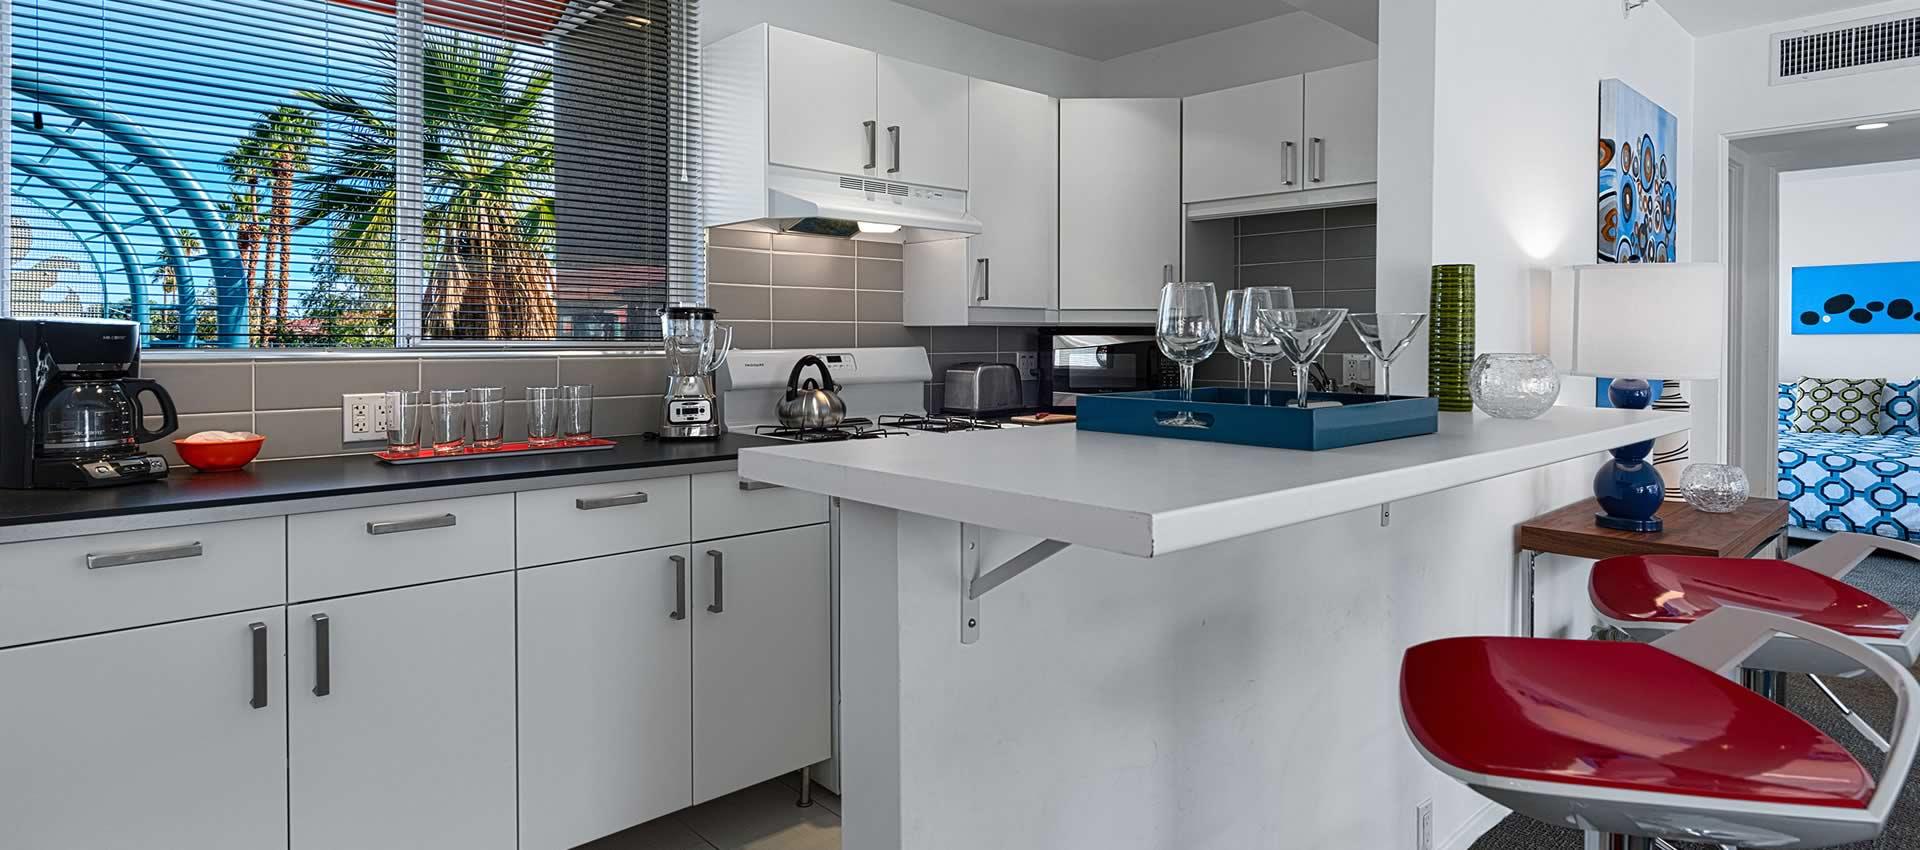 twist-hotel-room218-kitchen